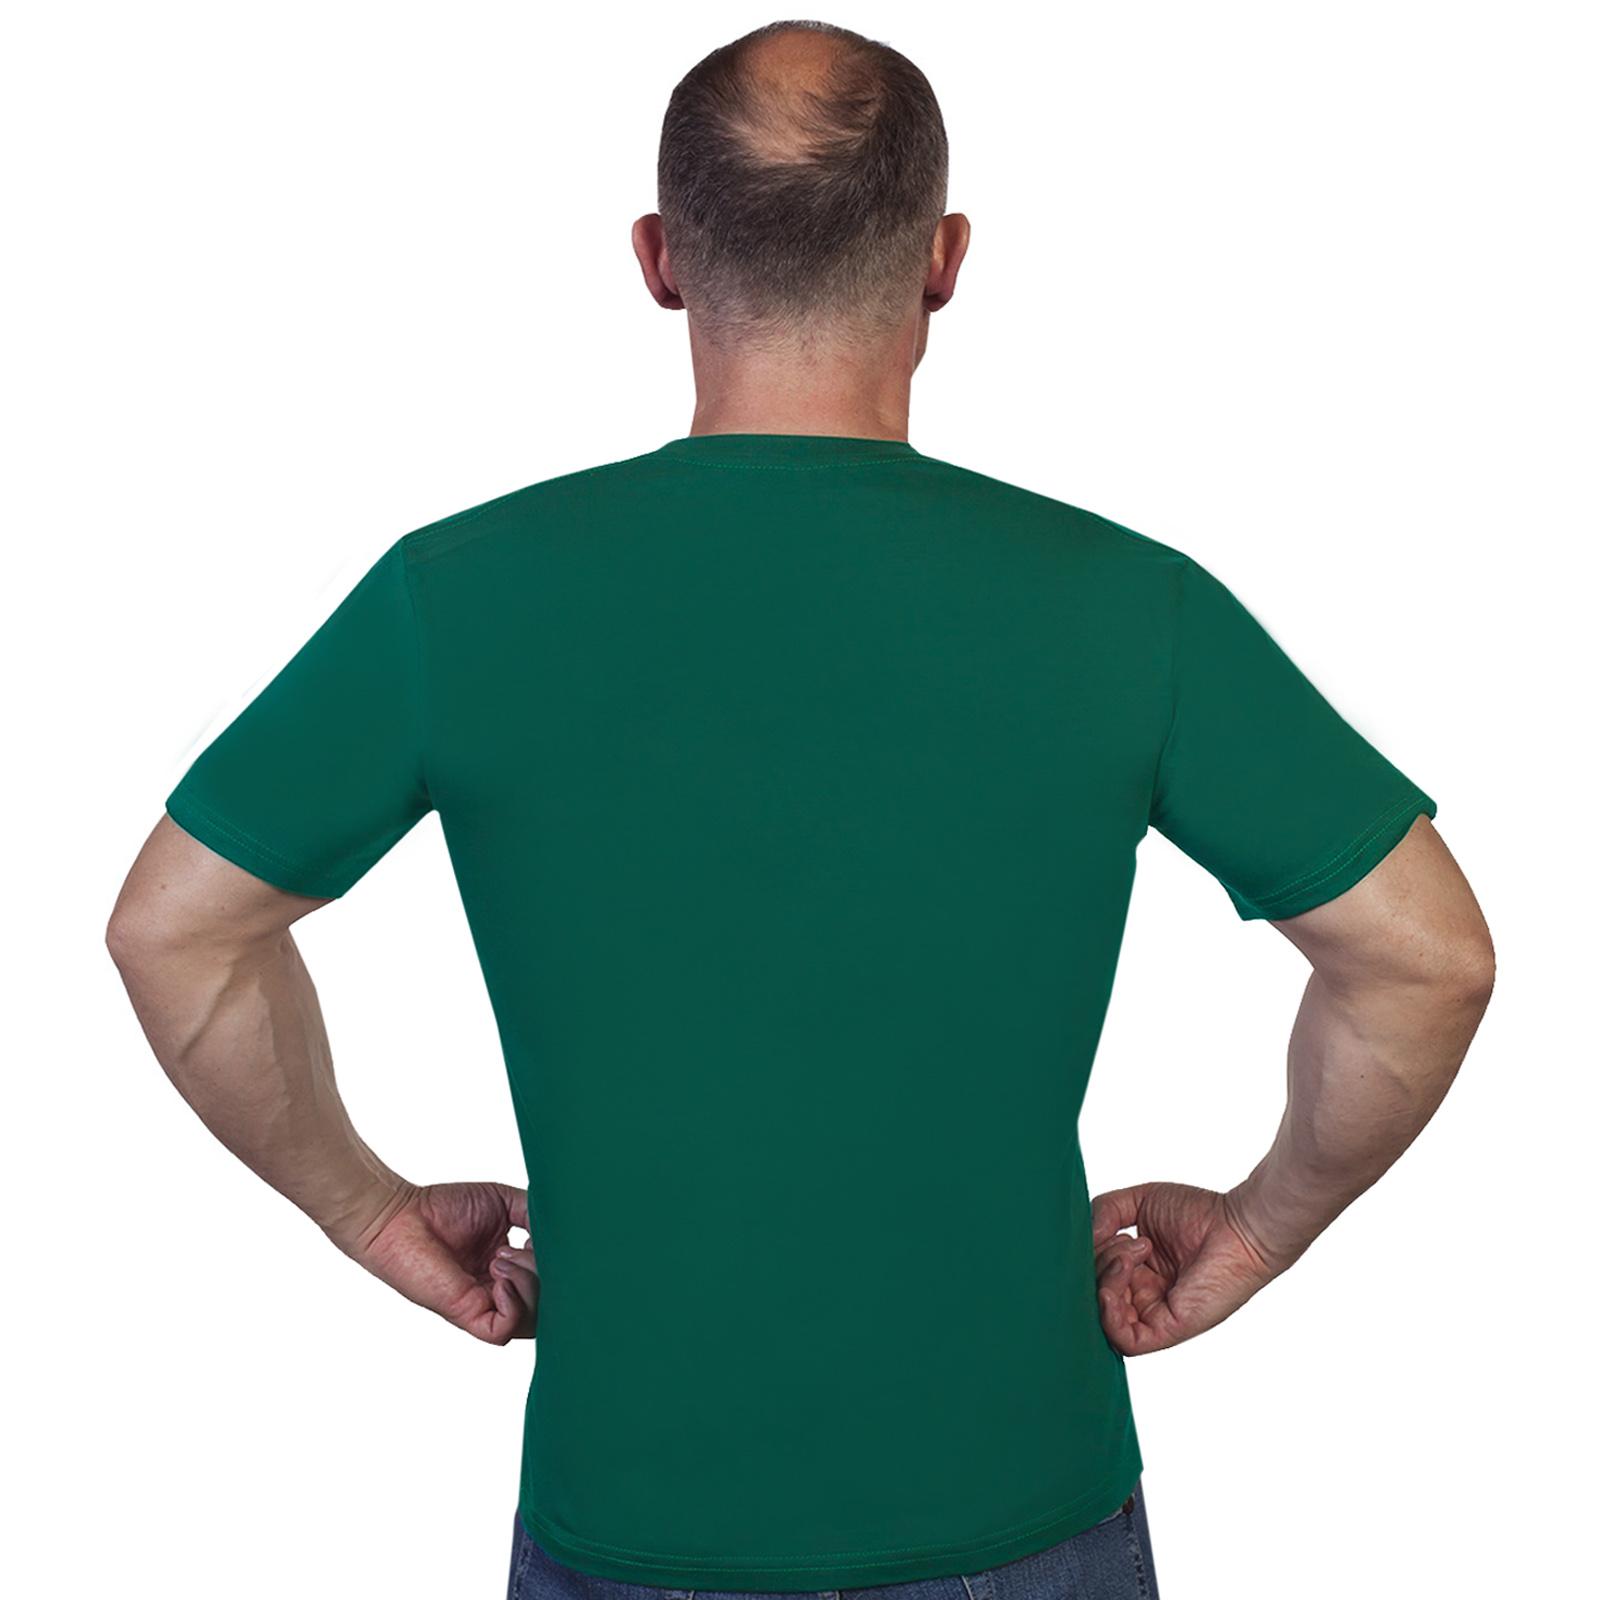 Мужская зеленая футболка с символикой пограничников - отменное качество